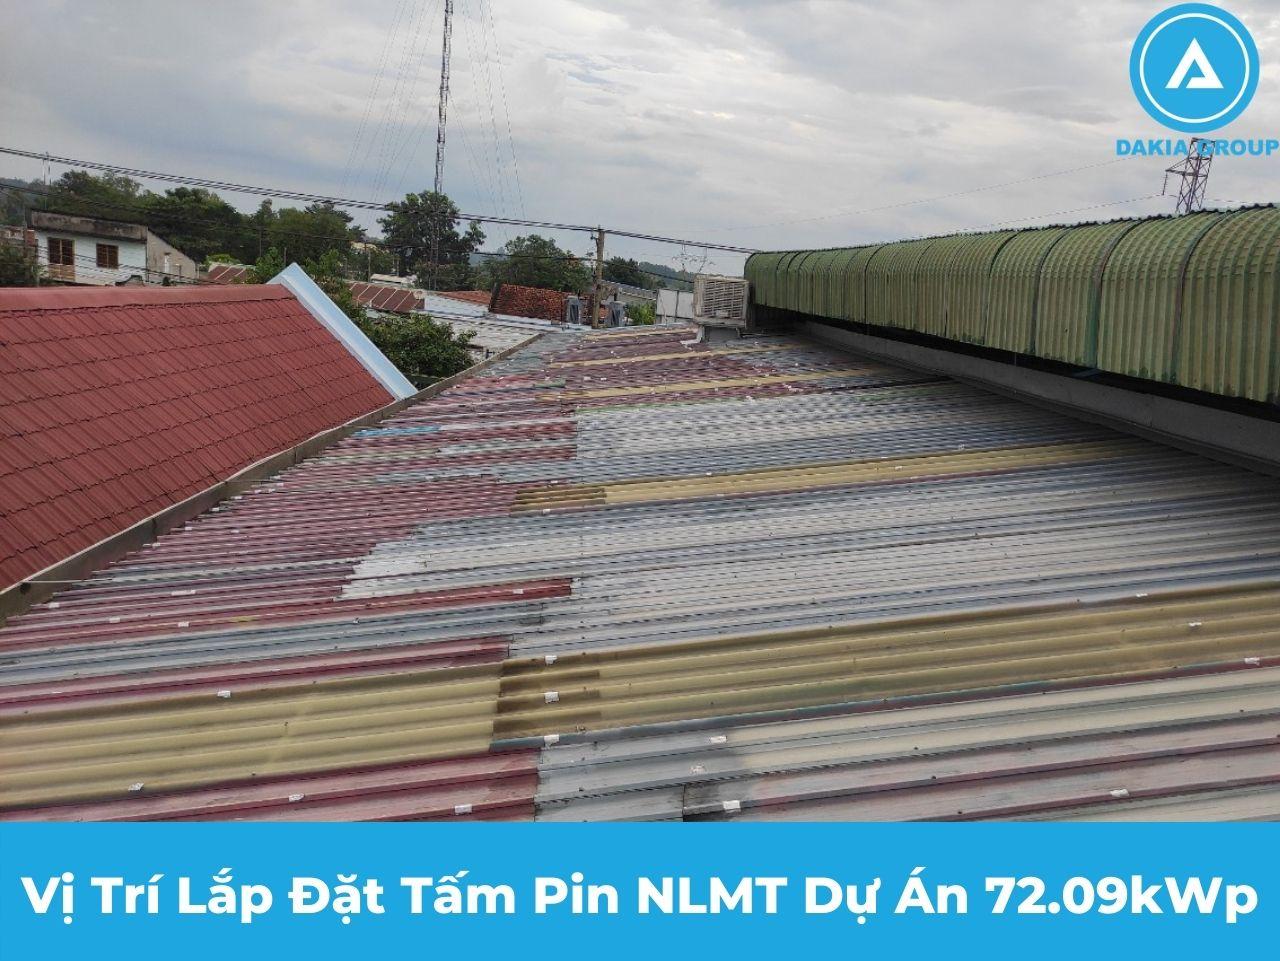 Điện Năng Lượng Mặt Trời tại Trảng Bom Đồng Nai - Vị trí lắp tấm pin